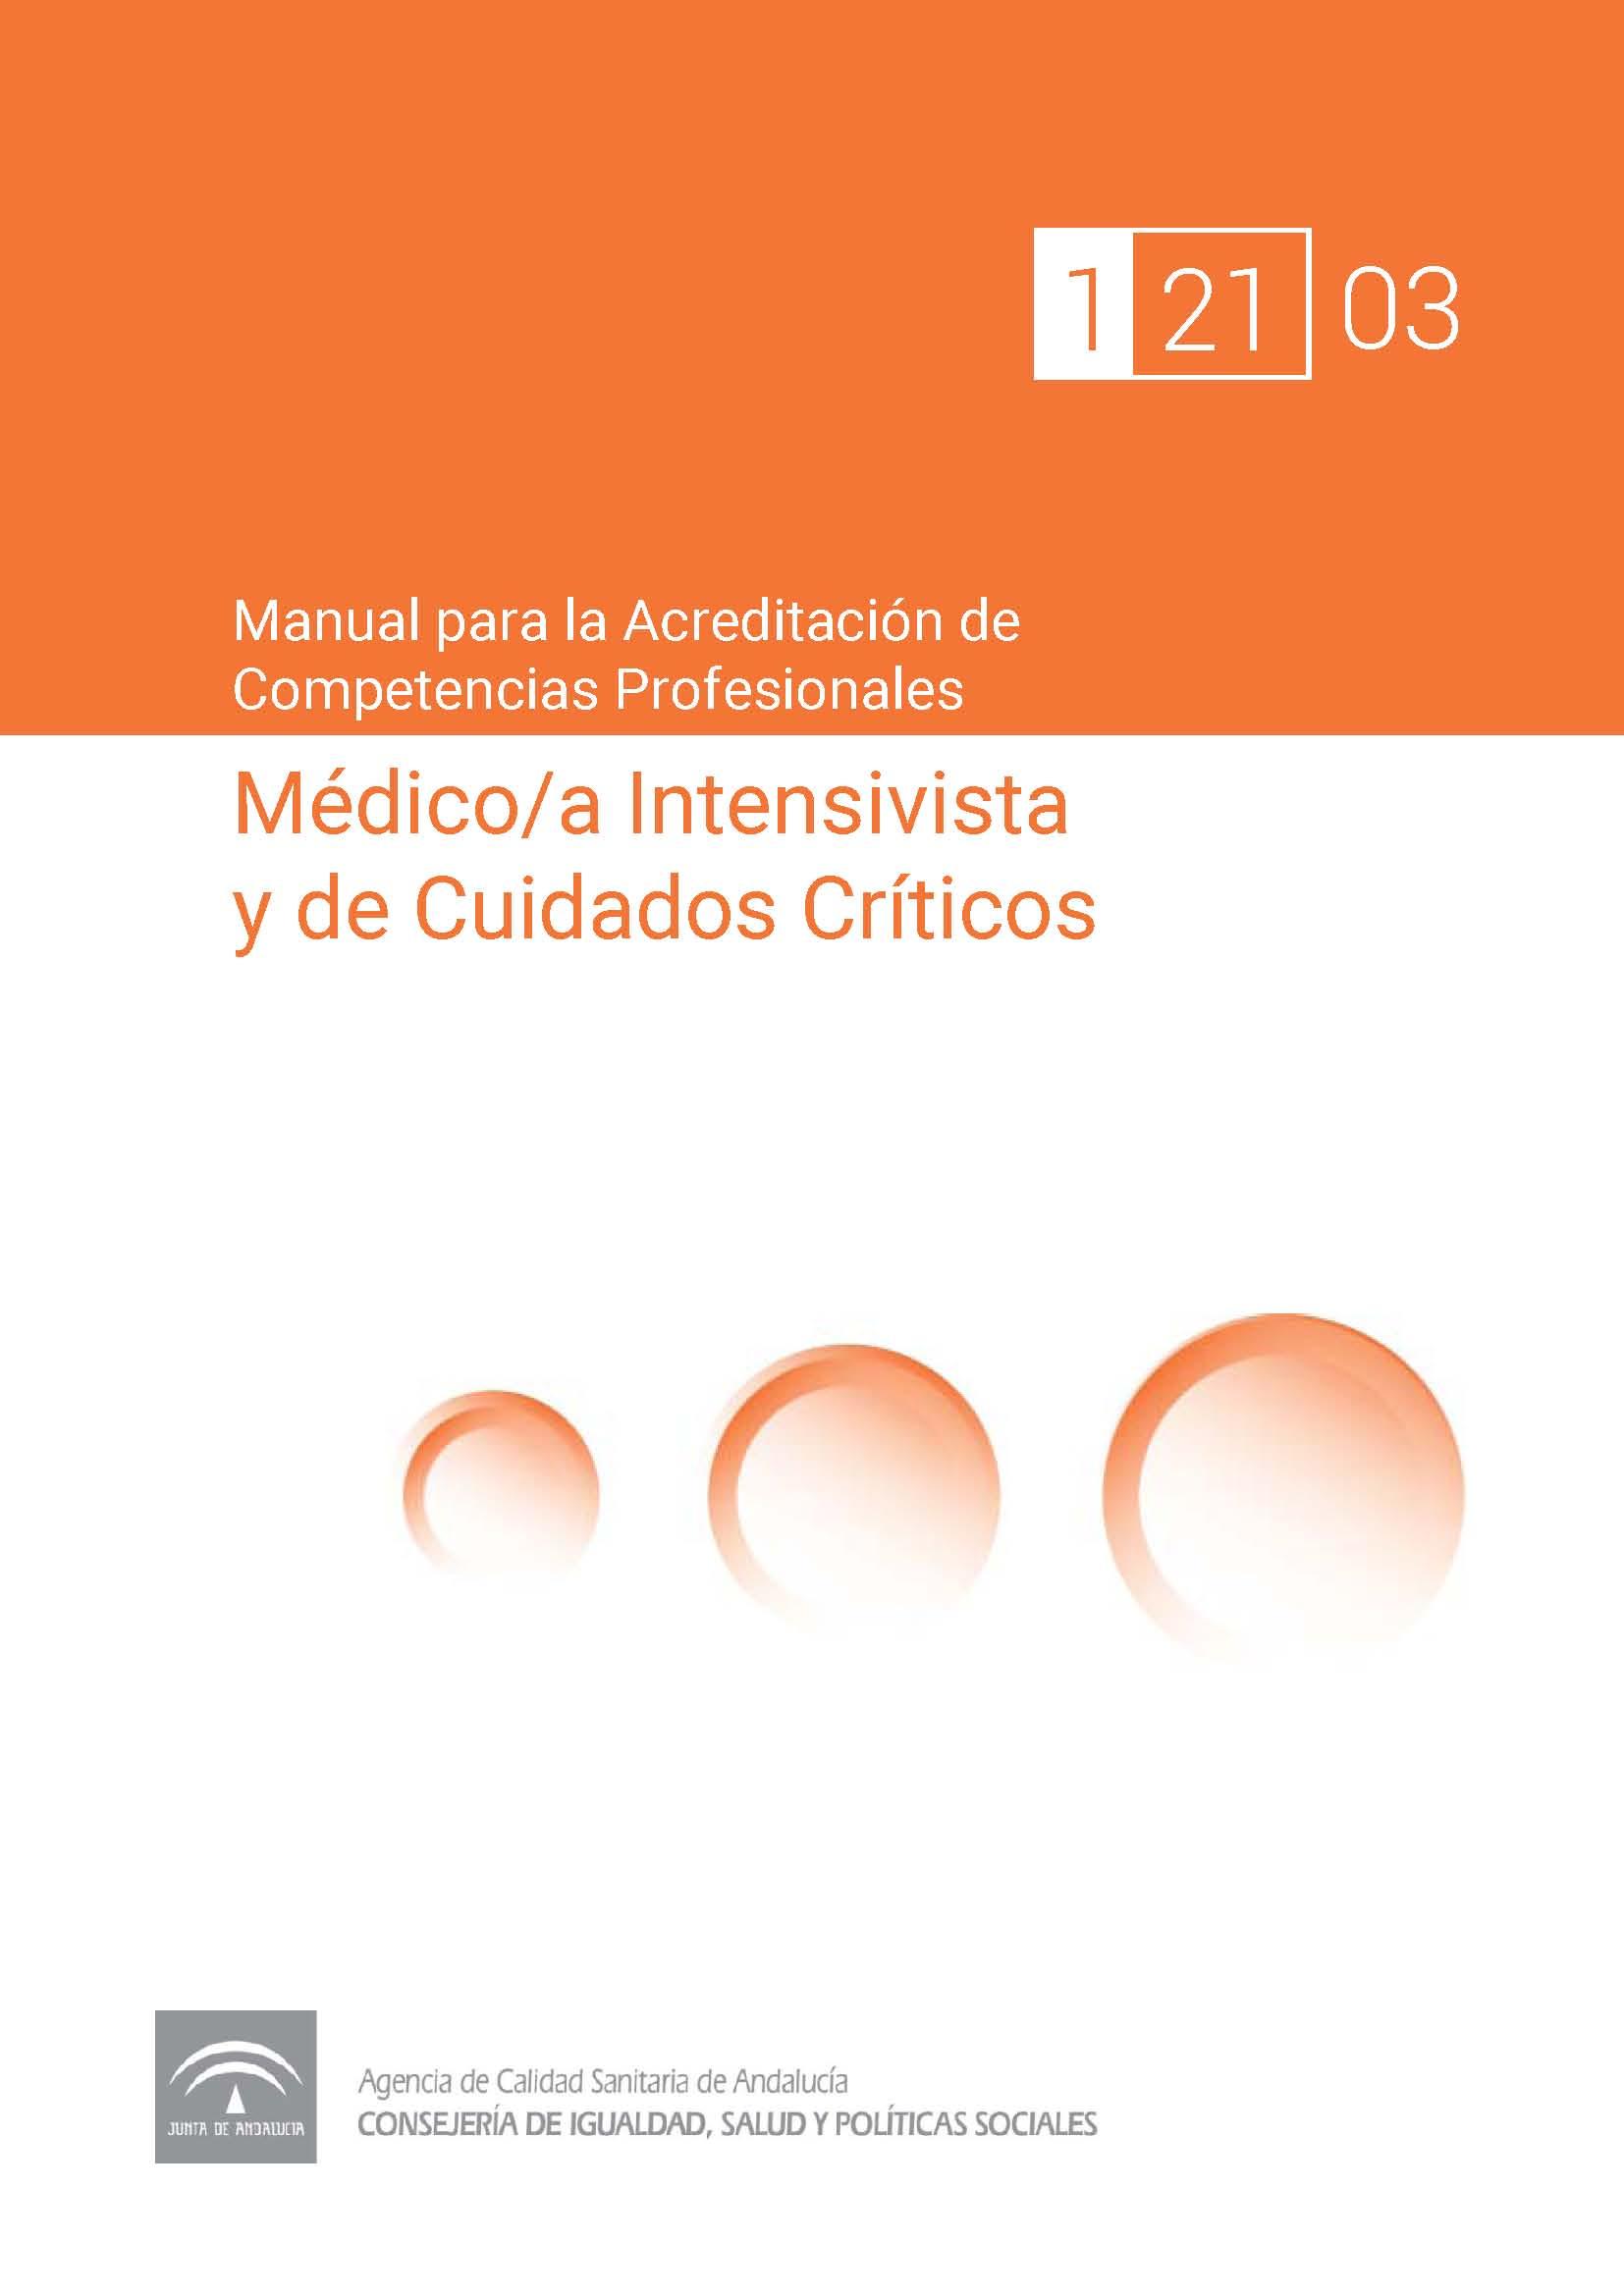 Manual de competencias profesionales del/de la Médico/a Intensivista y de Cuidados Críticos